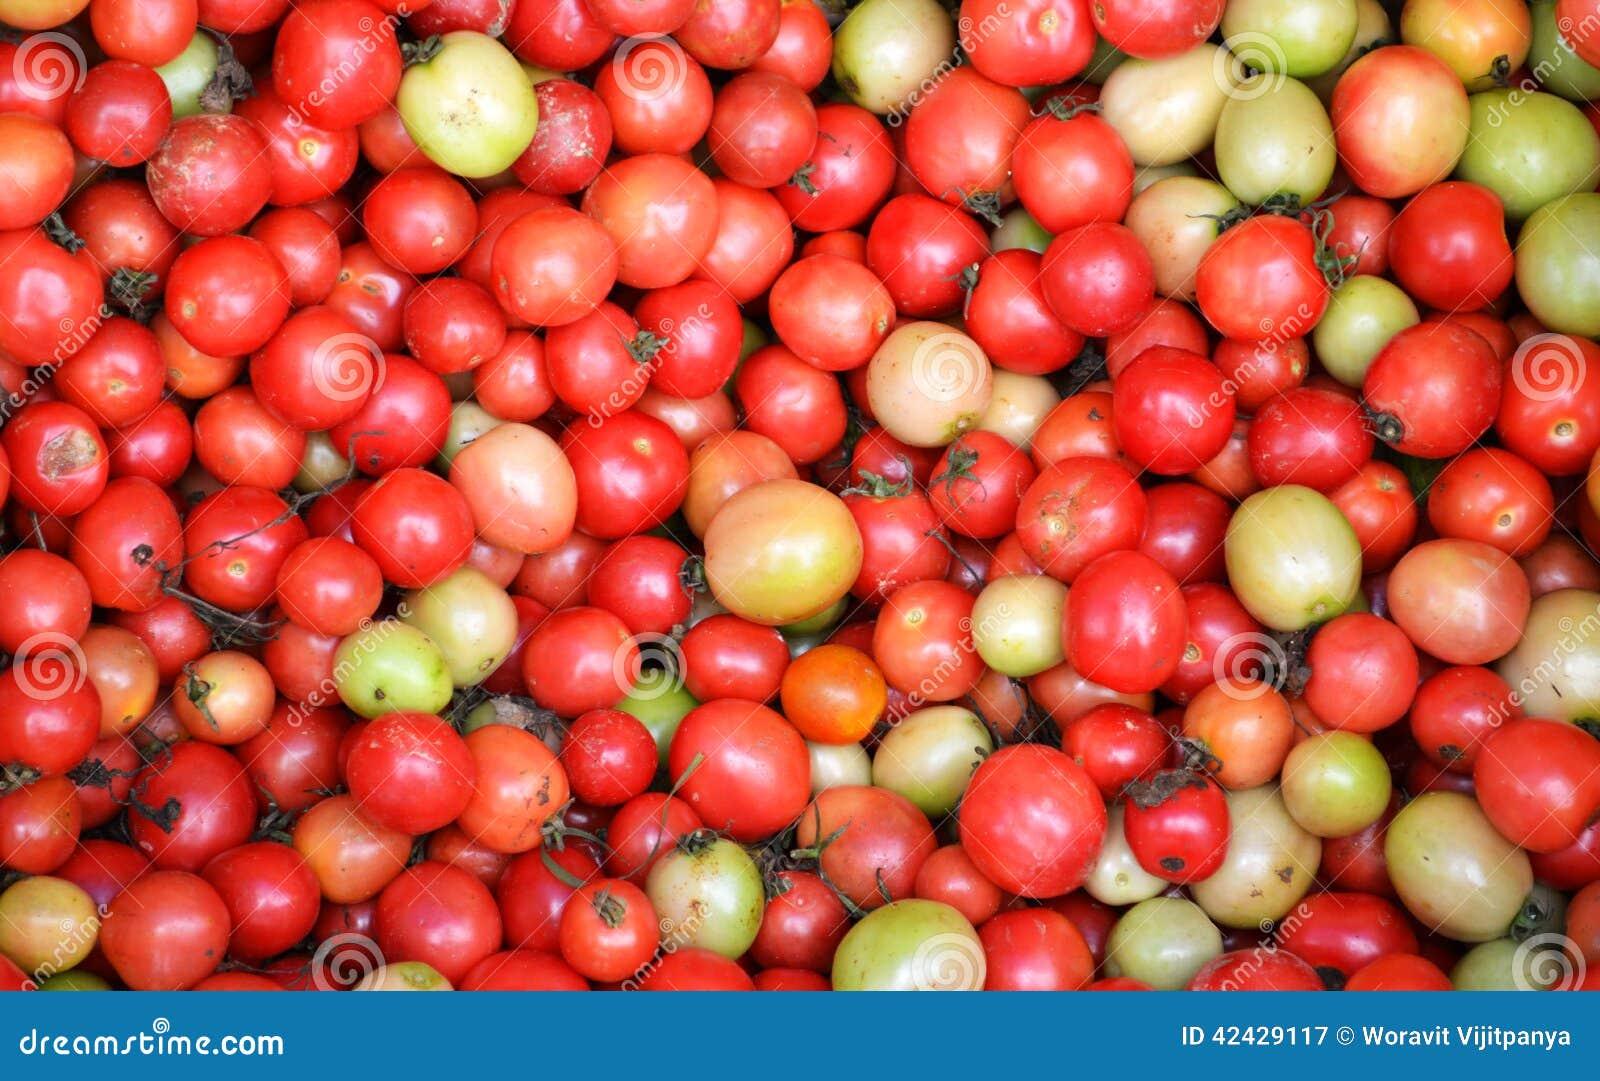 Pila de tomates